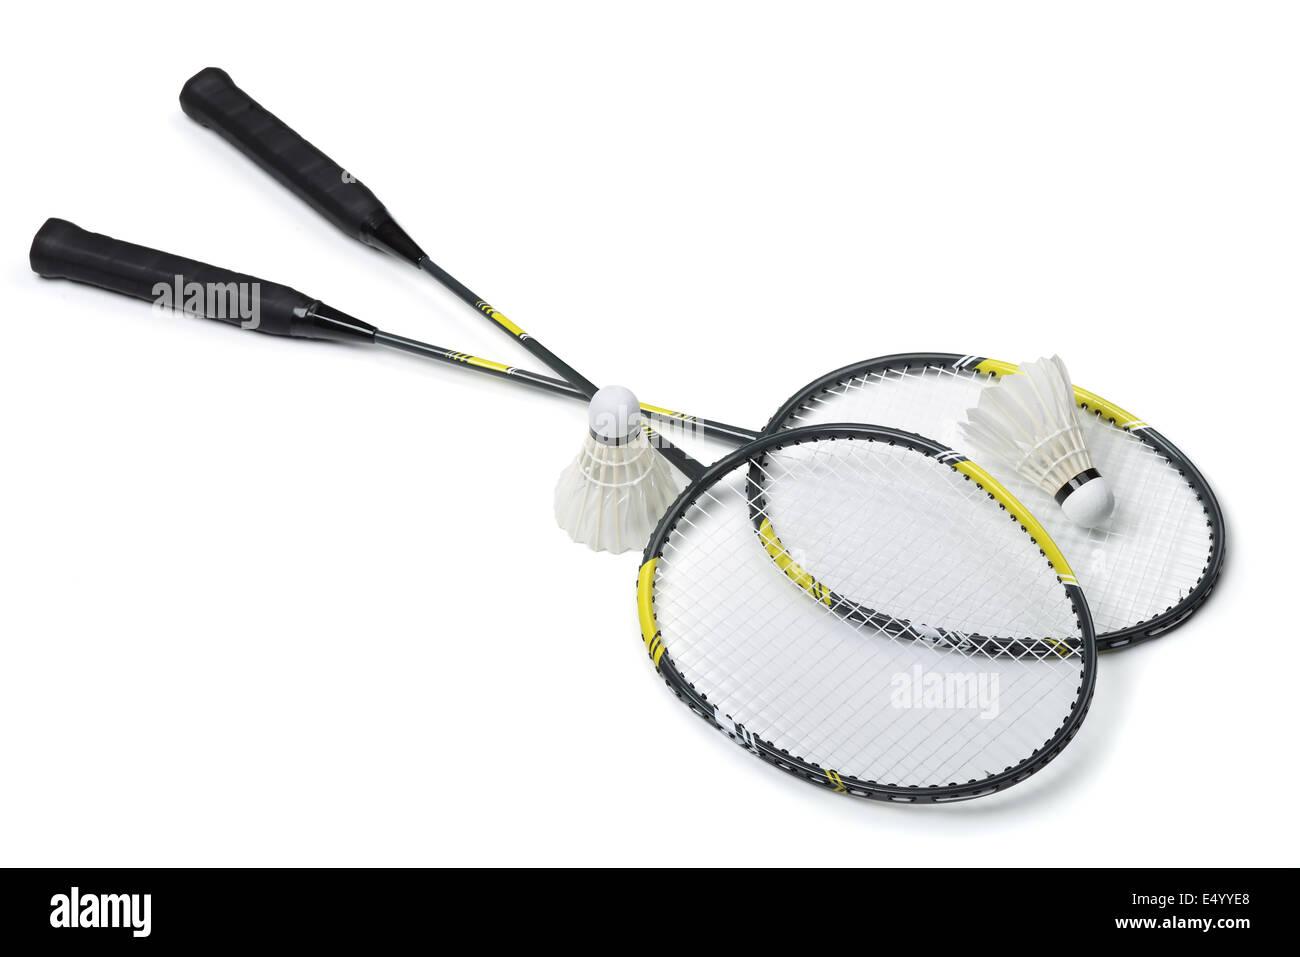 Raquettes de badminton et volants isolated on white Photo Stock